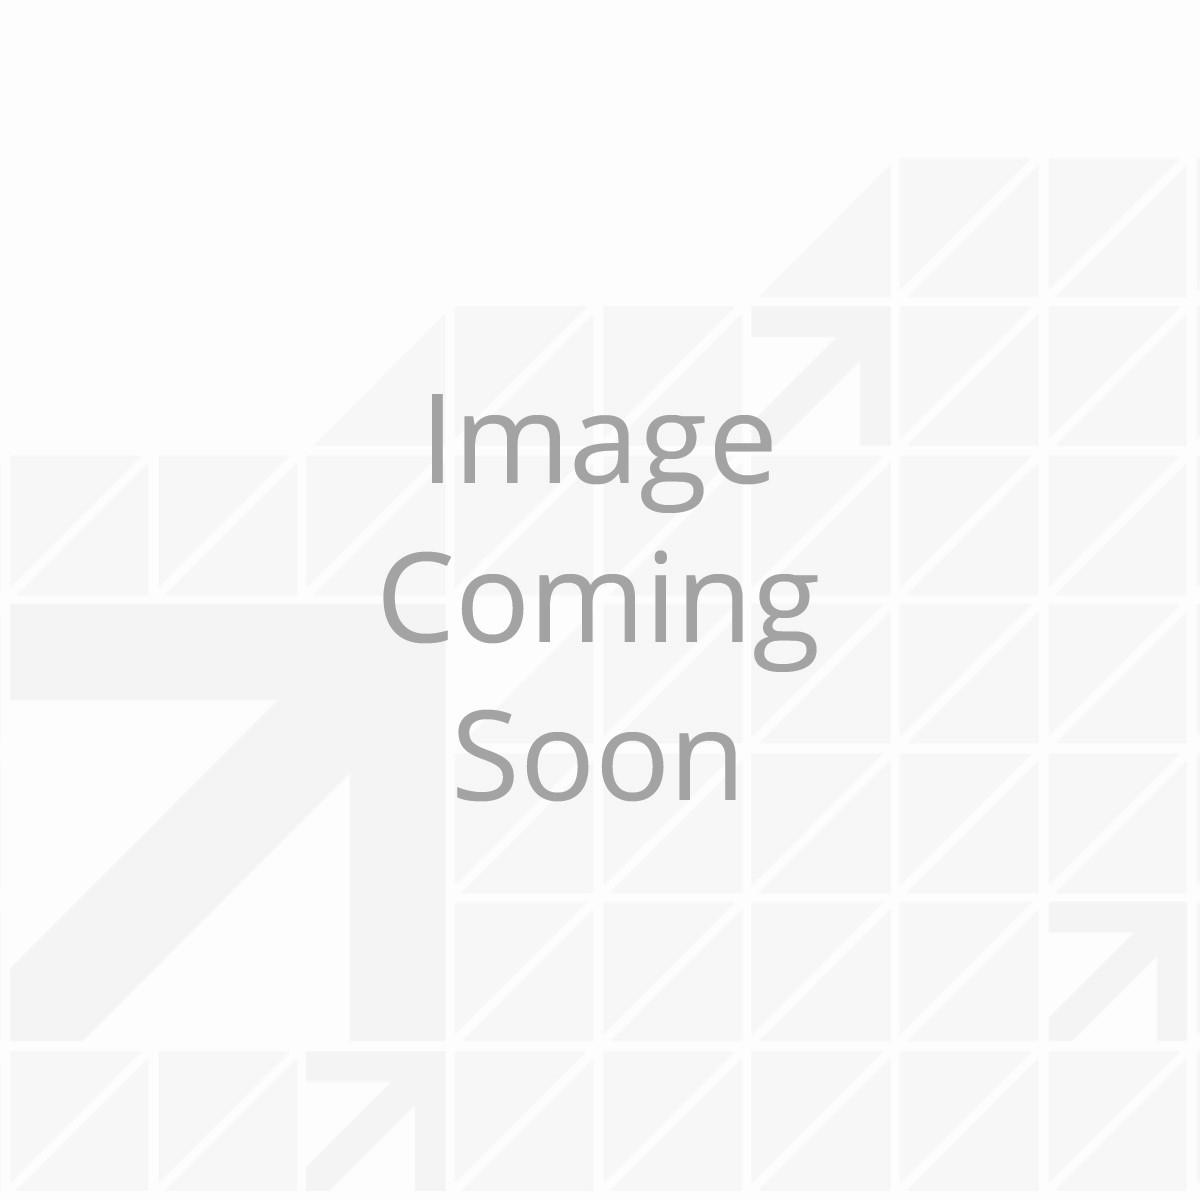 281281_Shock-Kit_001